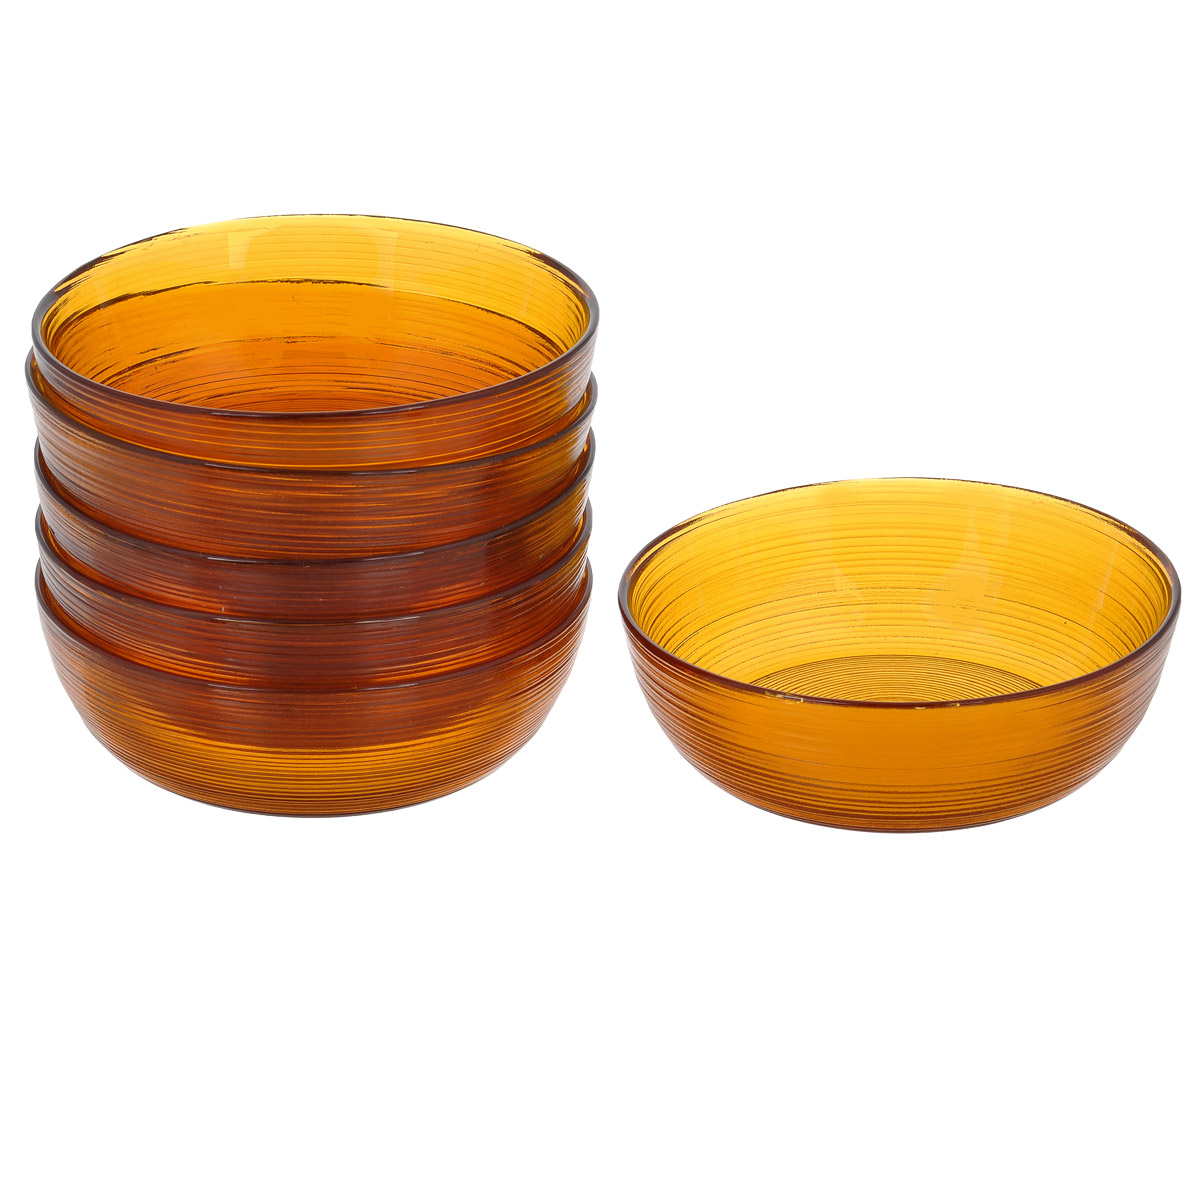 Набор салатников, цвет: коричневый, диаметр 13 см, 6 шт. Кт 13012115610Набор салатников, выполненный из стекла, будет уместен на любой кухне и понравится каждой хозяйке. В набор входят шесть салатников. Внешняя сторона салатника имеет рельефную поверхность. Изделия сочетают в себе изысканный дизайн с максимальной функциональностью. Такой набор салатников придется по вкусу и ценителям классики, и тем, кто предпочитает утонченность и изящность.